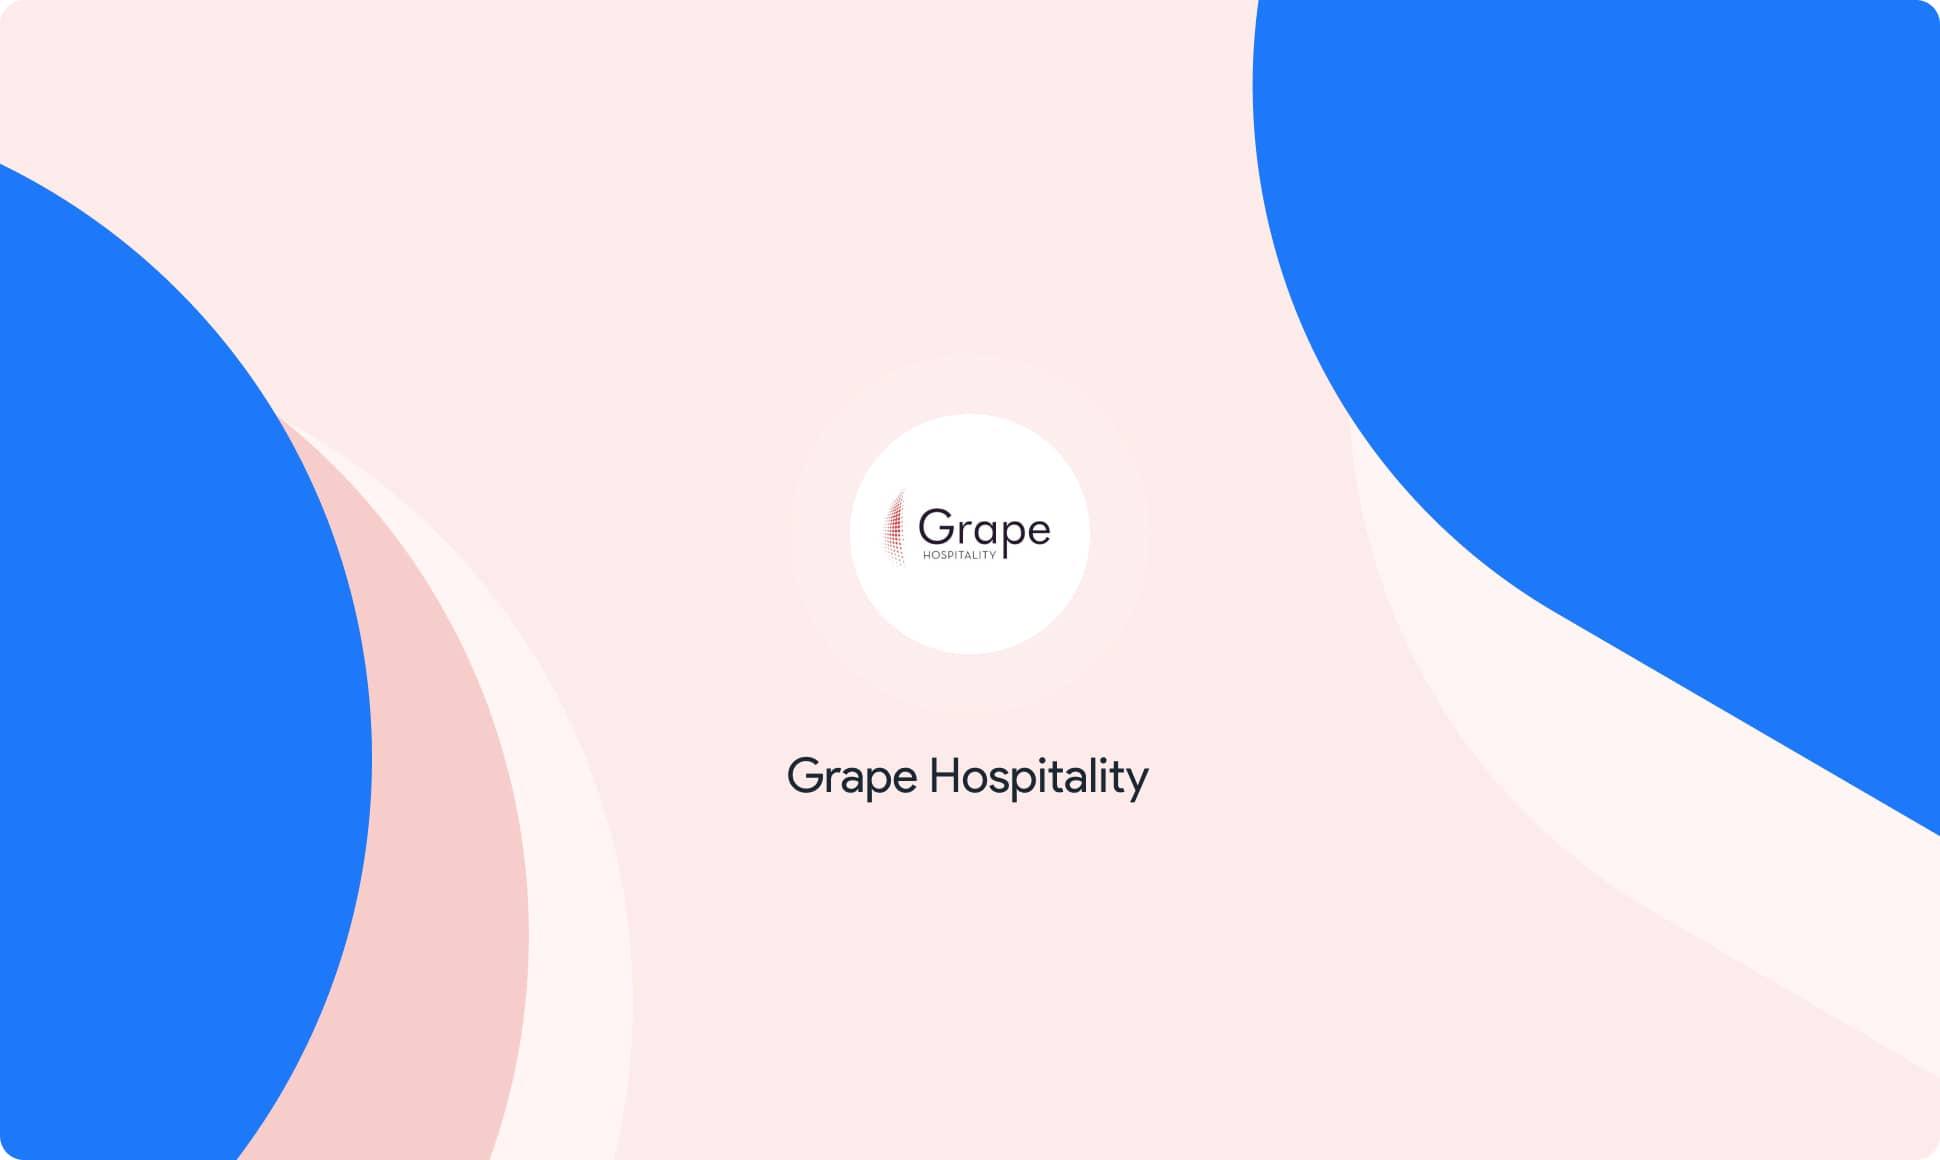 L'activité des hôteliers en confinement - éclairage de Grape Hospitality.